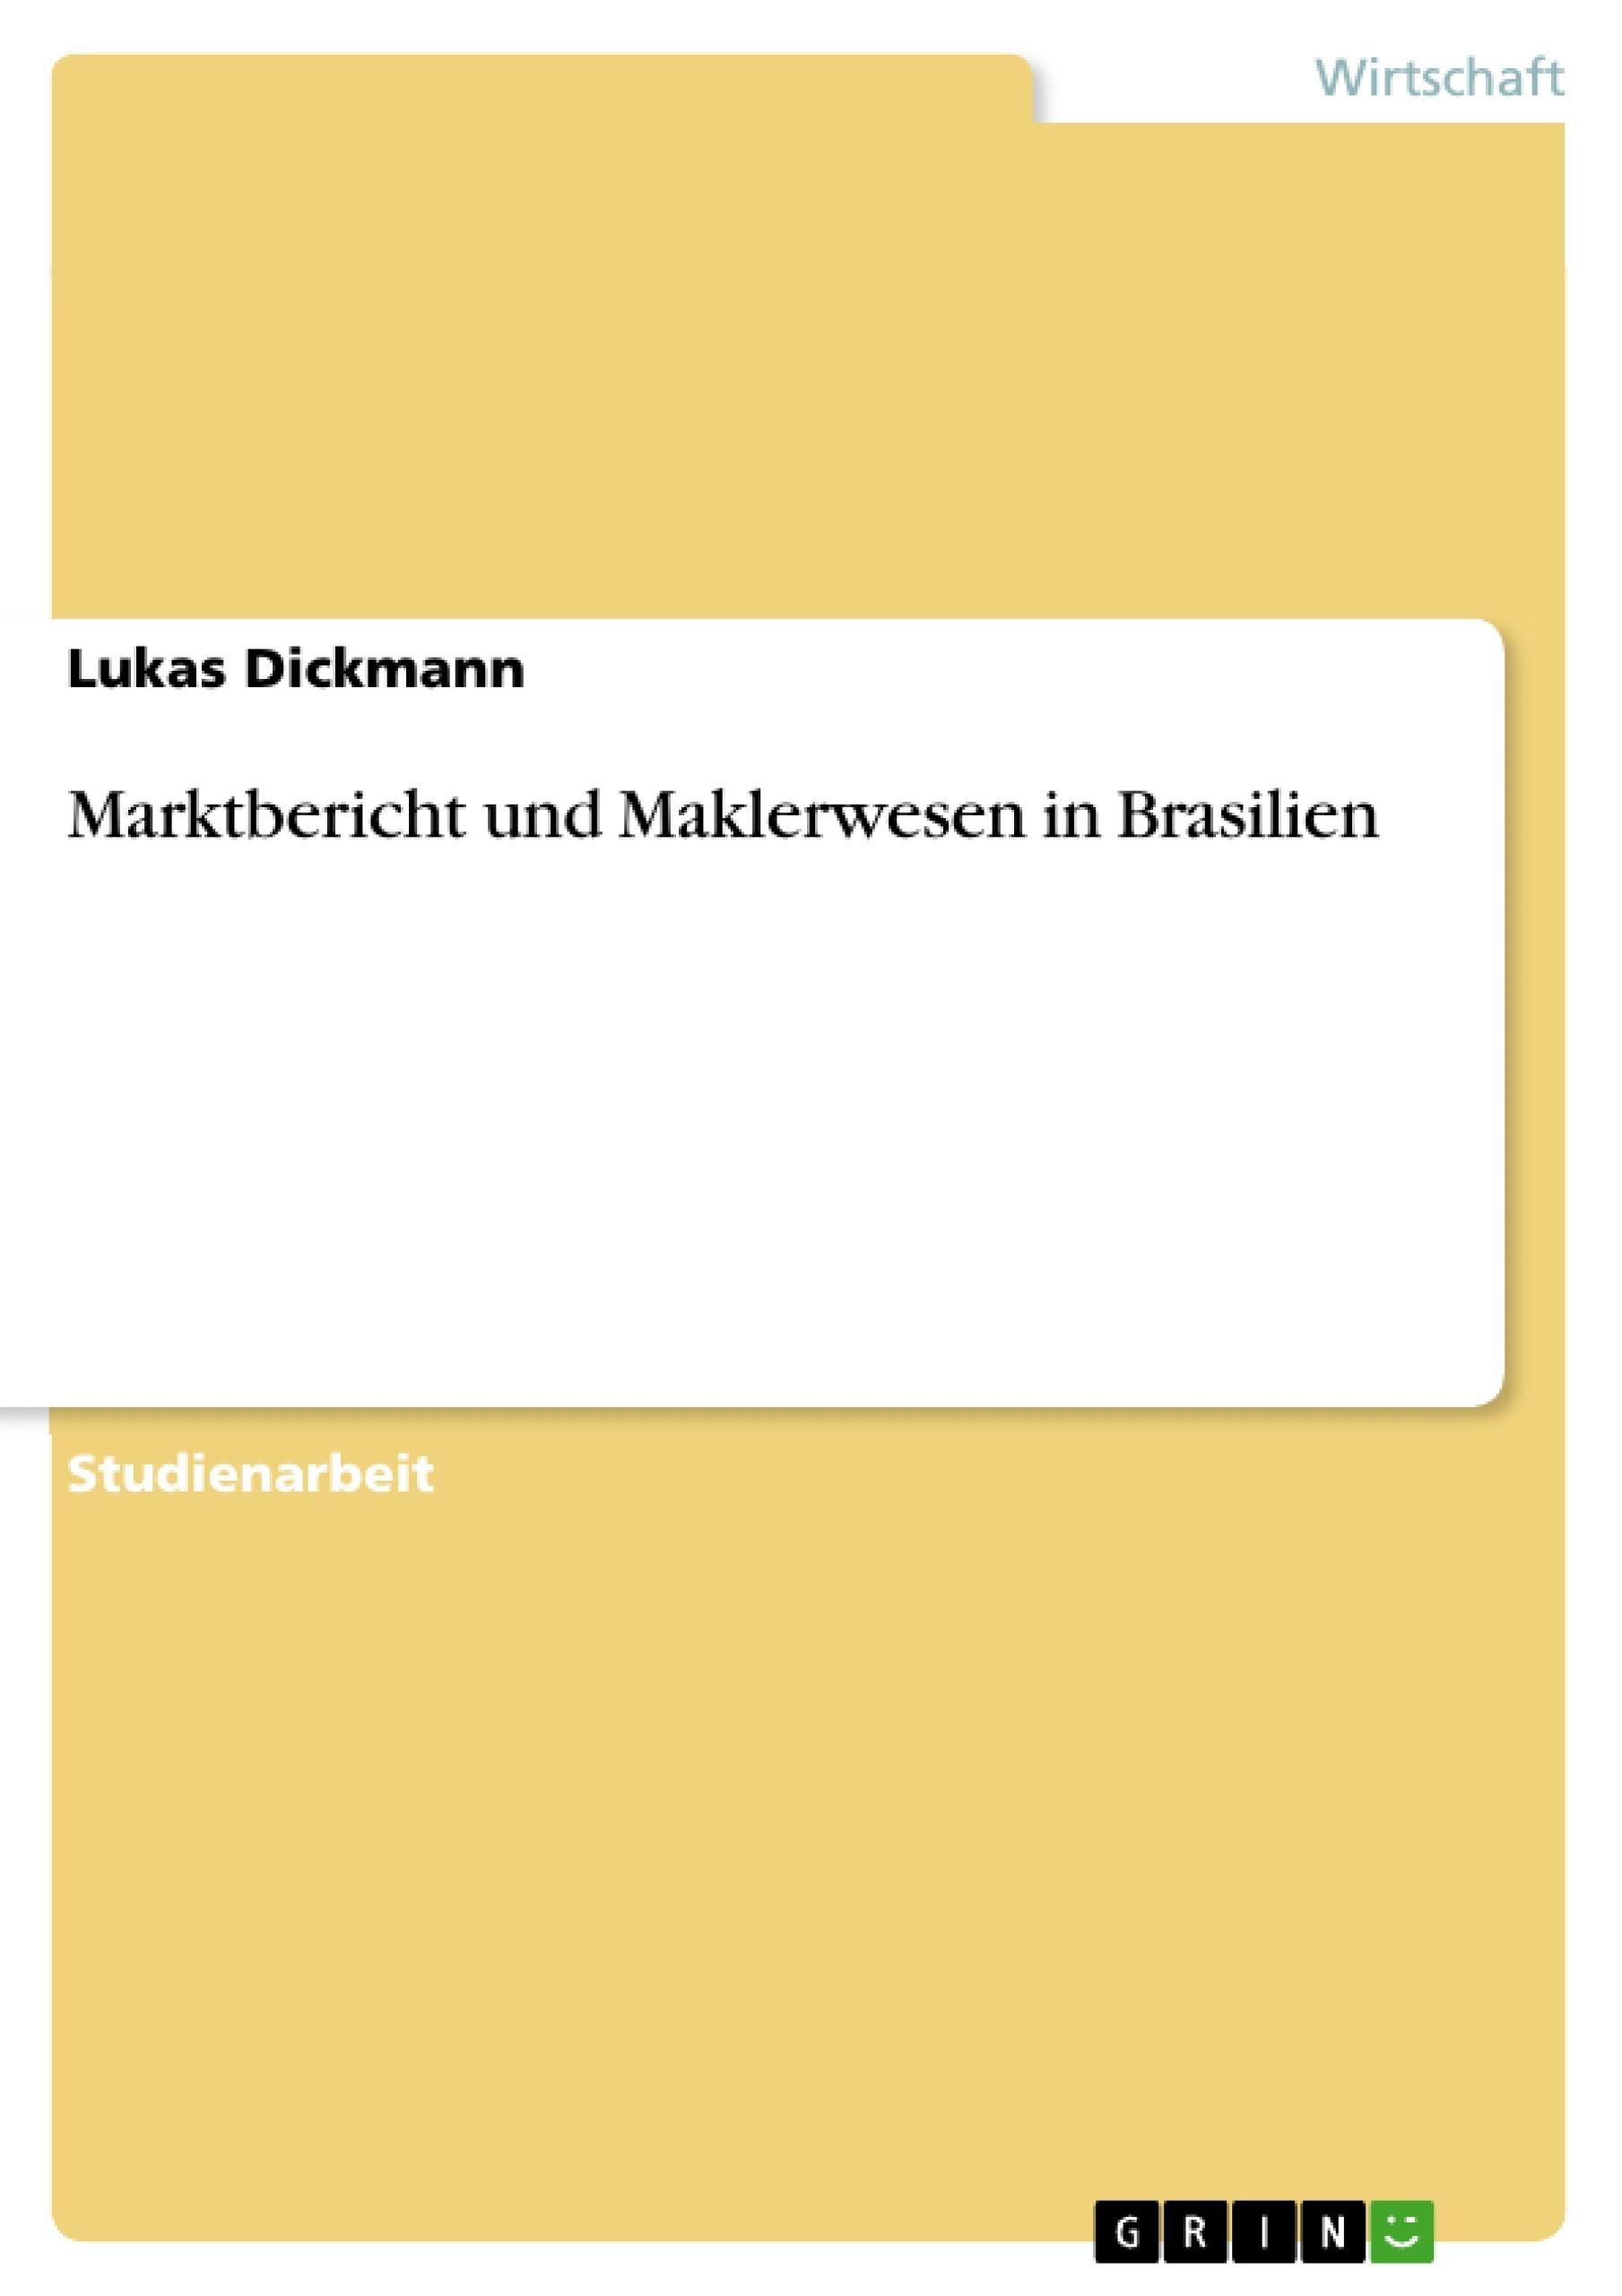 Titel: Marktbericht und Maklerwesen in Brasilien